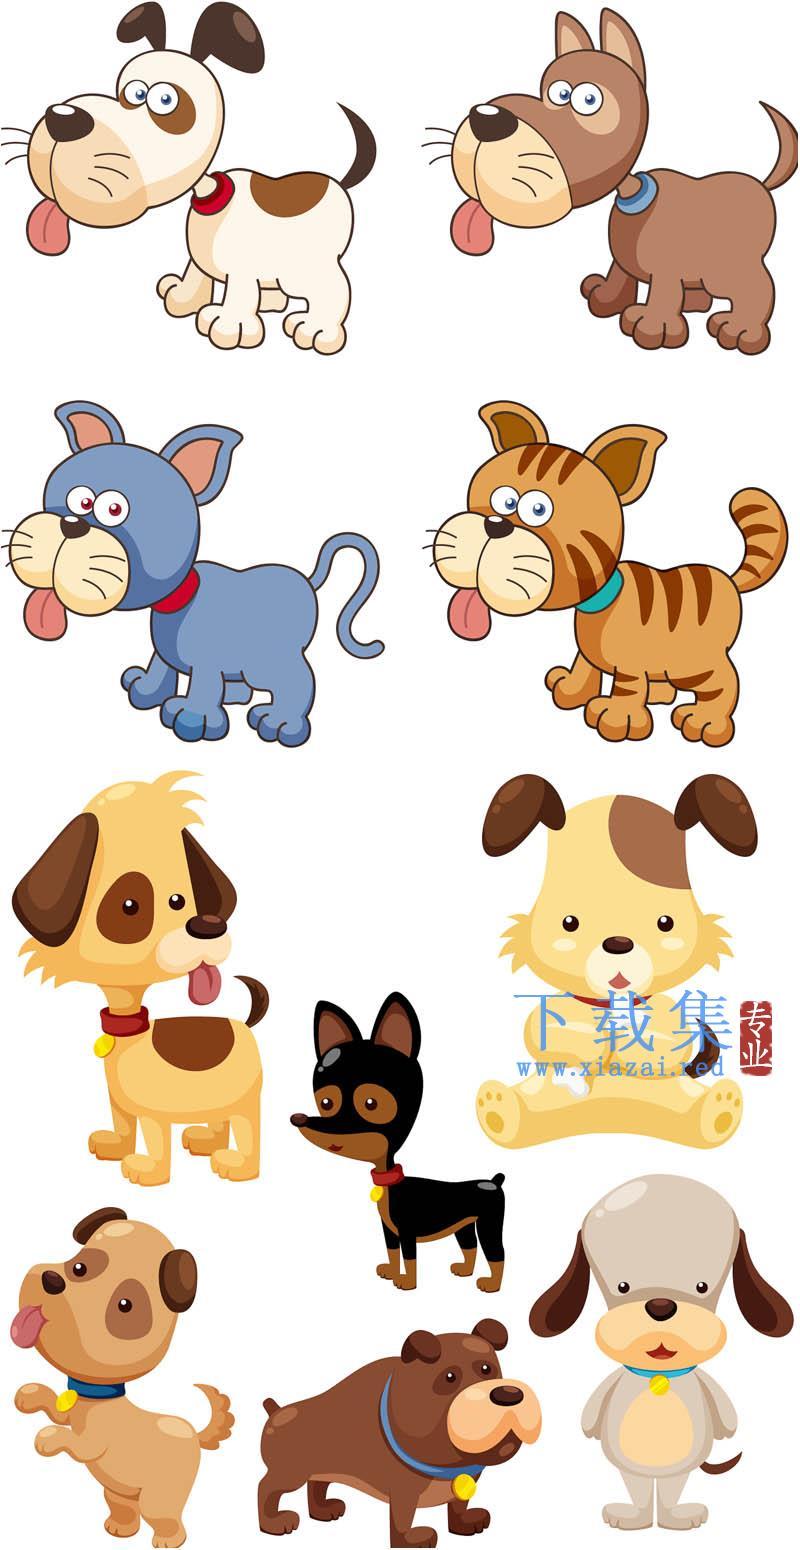 10个可爱小狗AI矢量素材